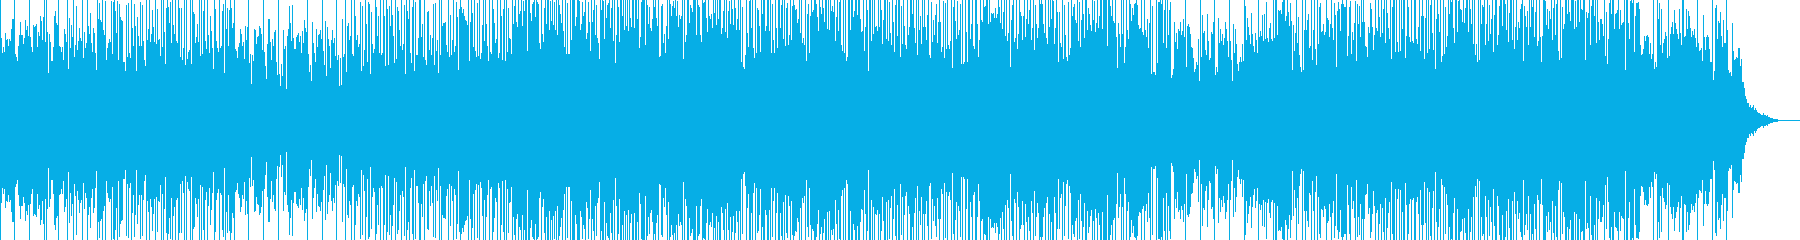 安らぎの中で疾走感のある優しいロックの再生済みの波形